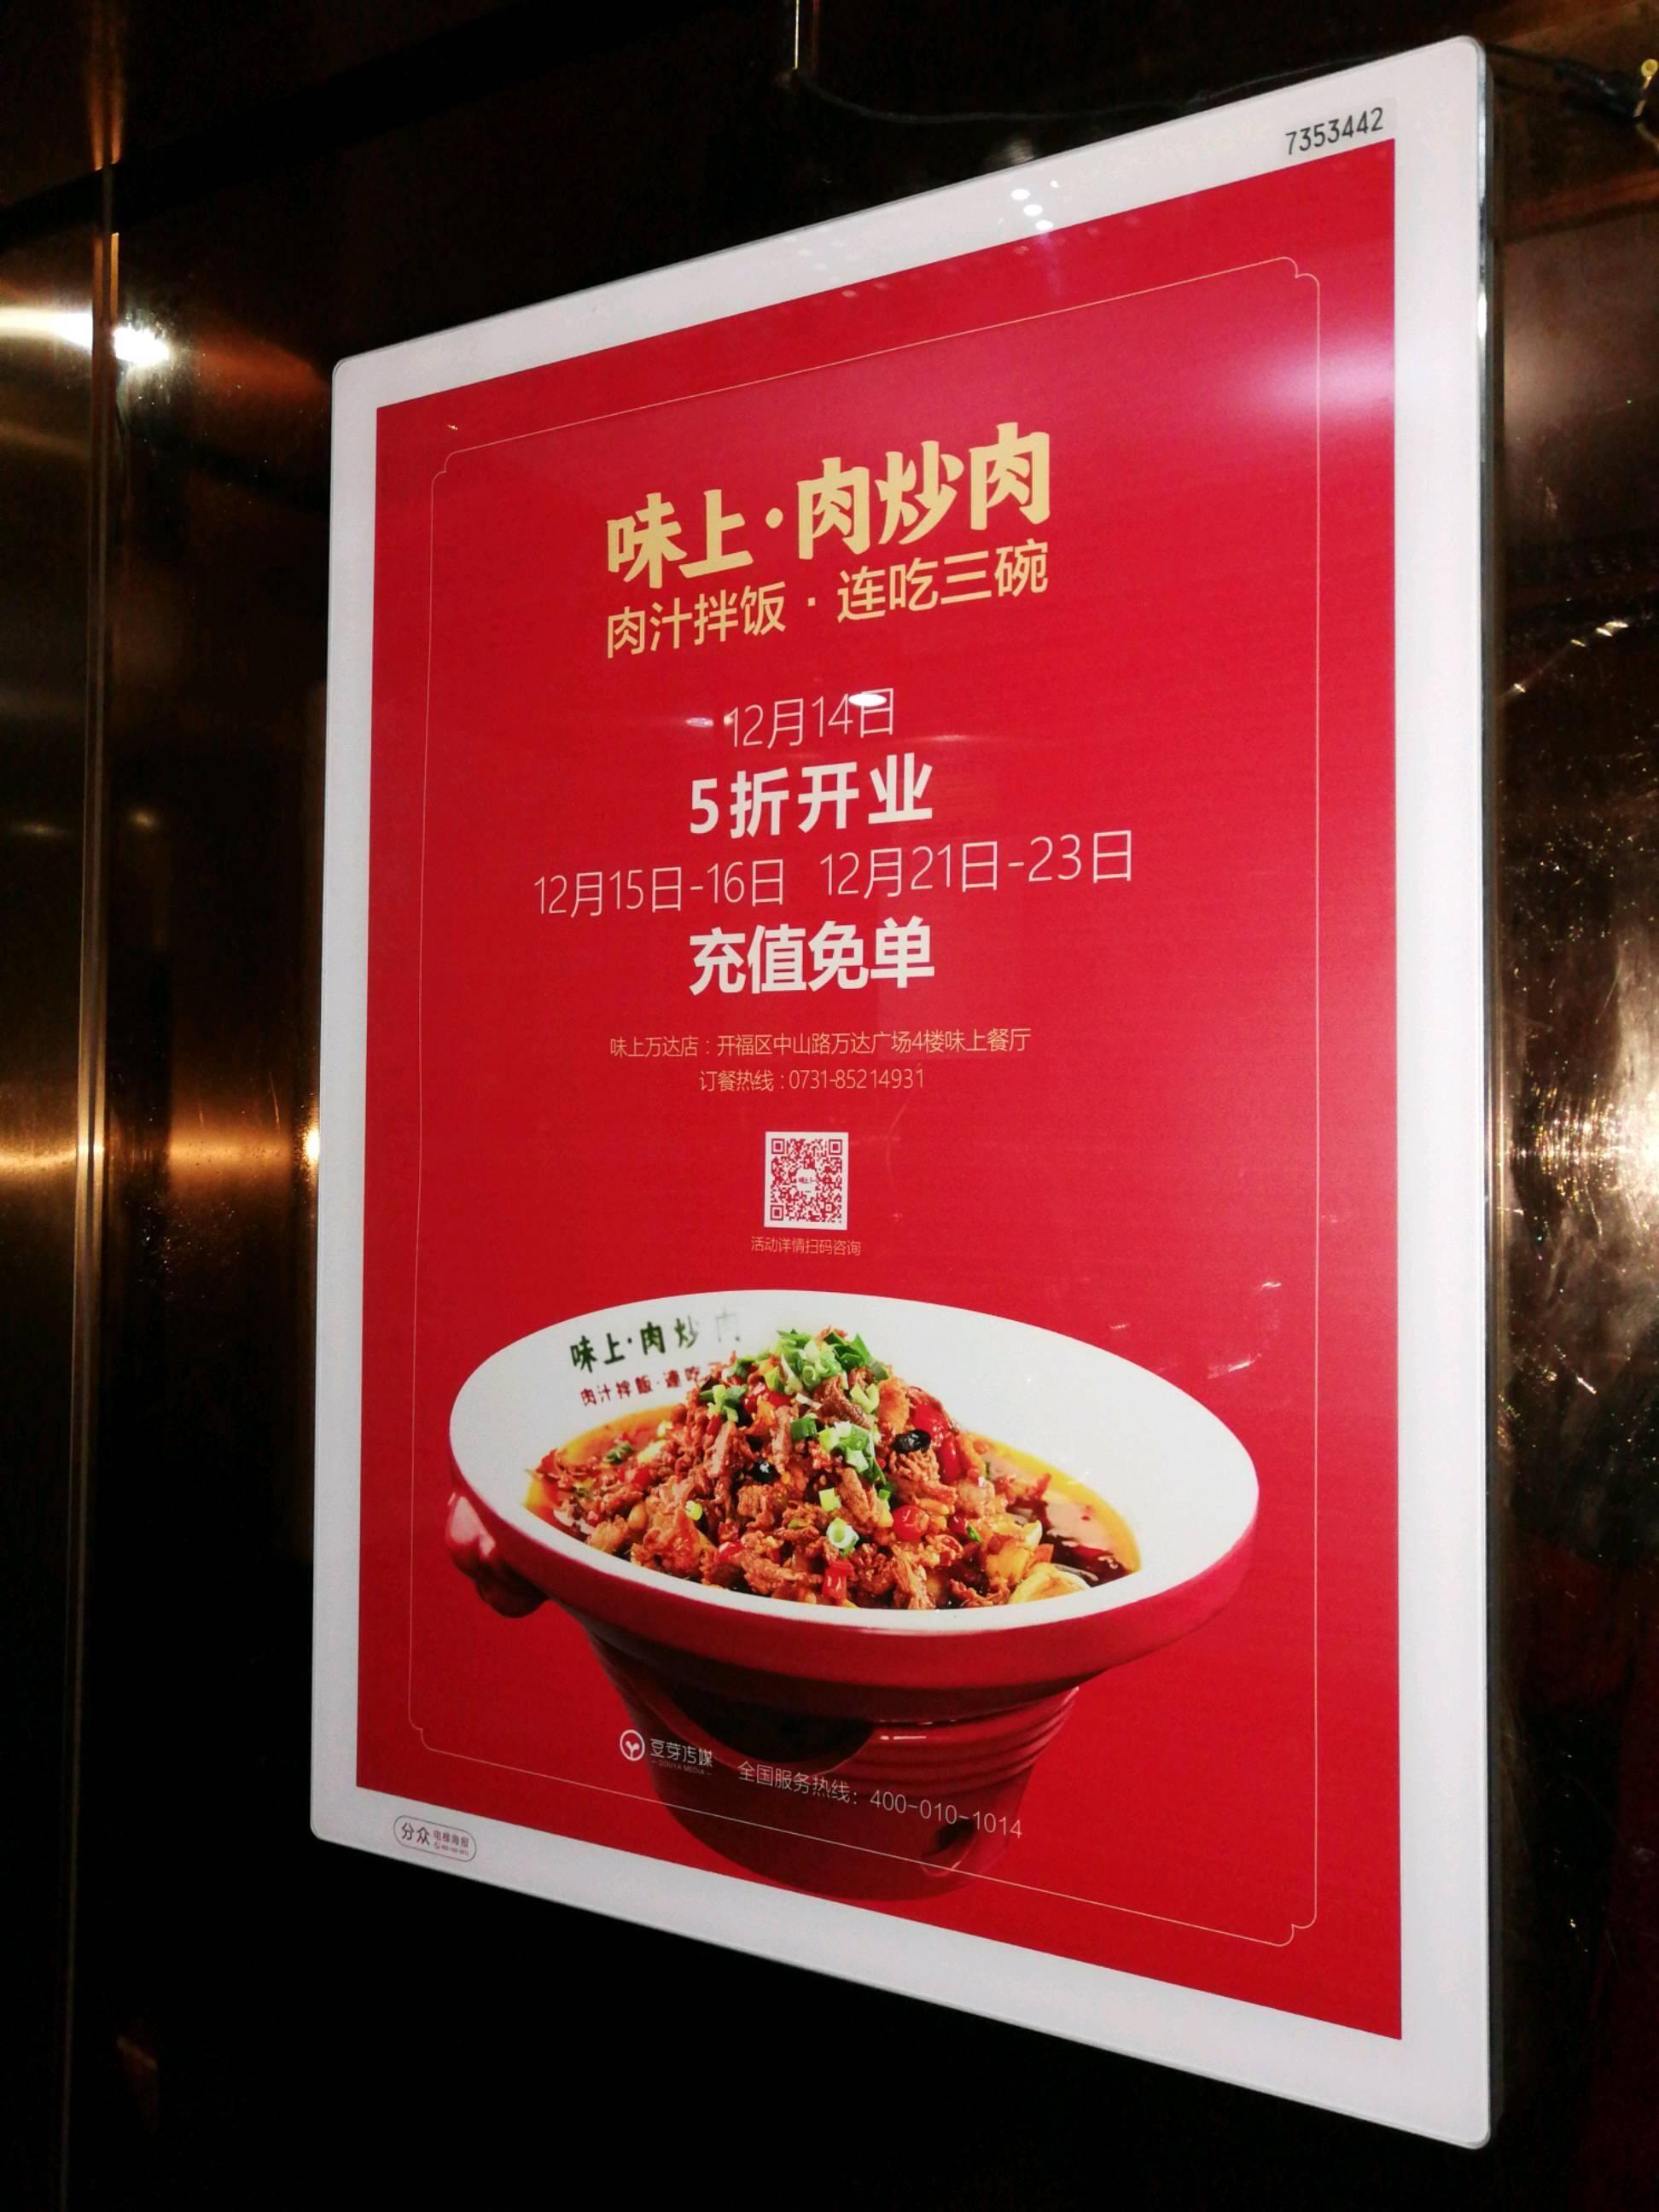 韶关电梯广告公司广告牌框架3.0投放(100框起投)